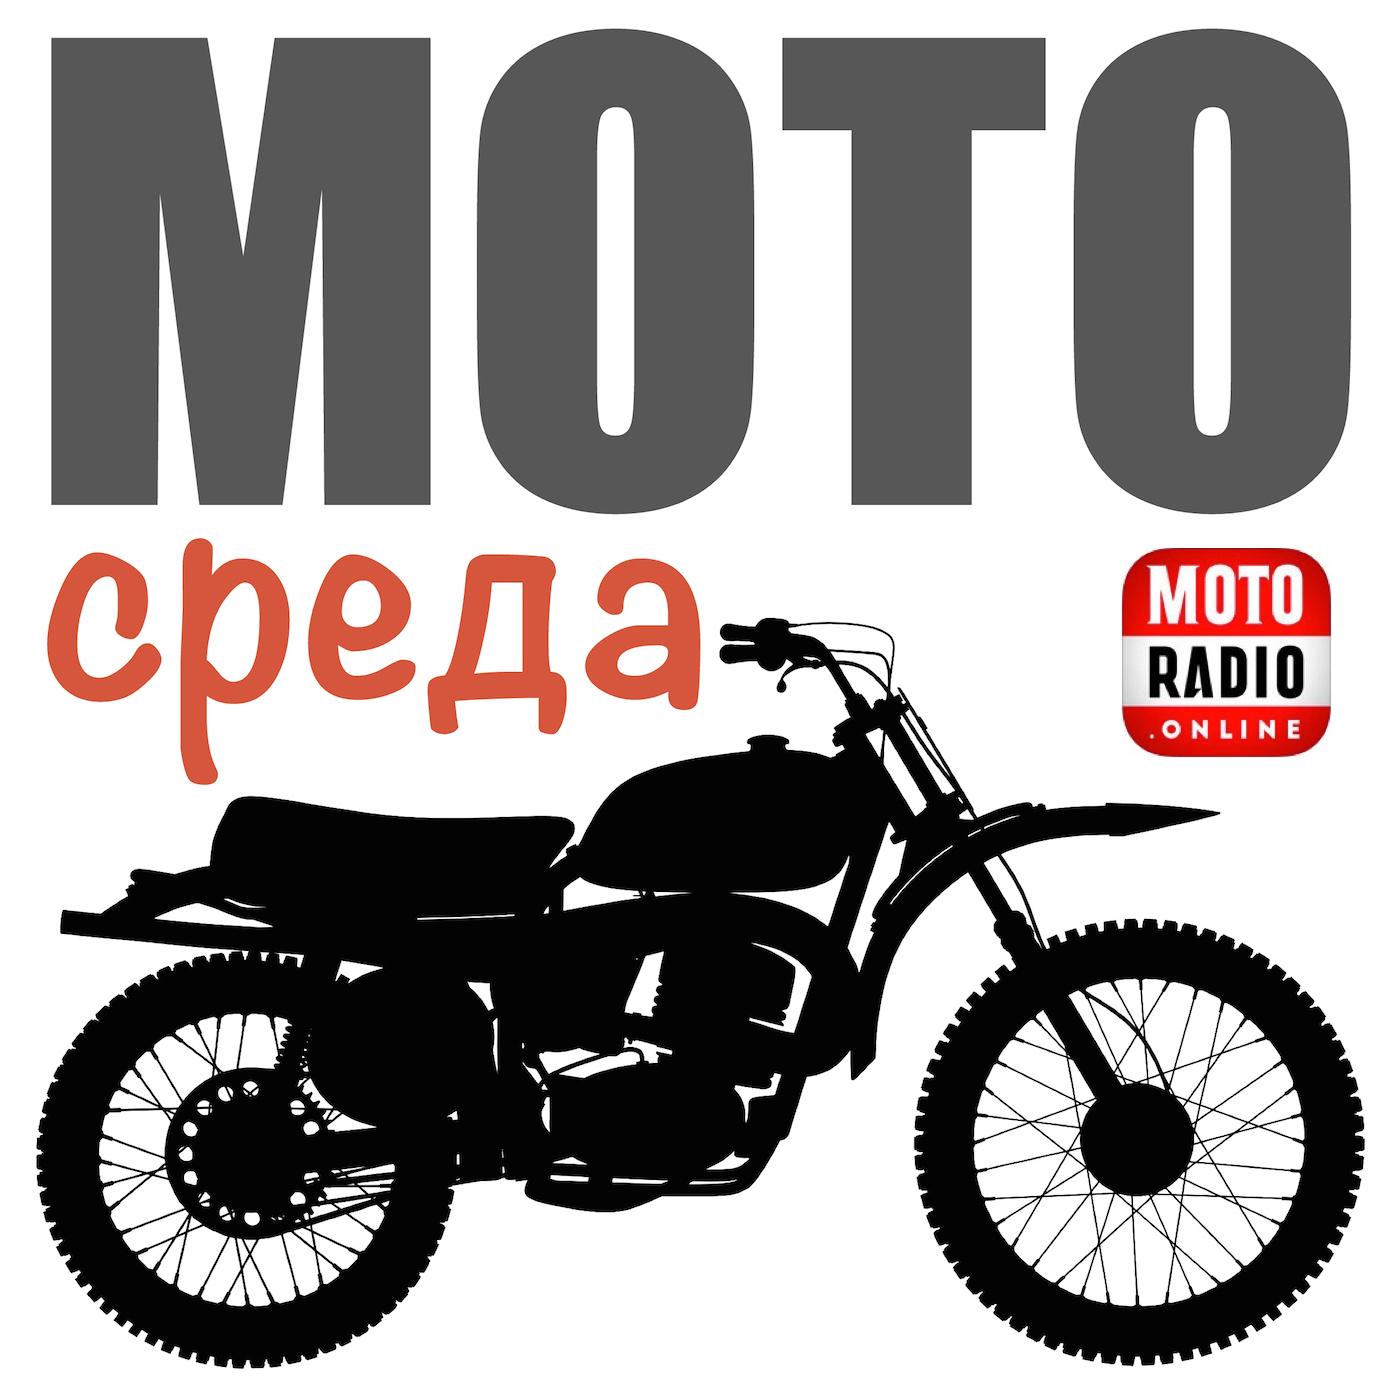 Олег Капкаев Авто-мото школа Дилижанс представляет: алгоритмы управления мотоциклом - как научиться, а не заучить.